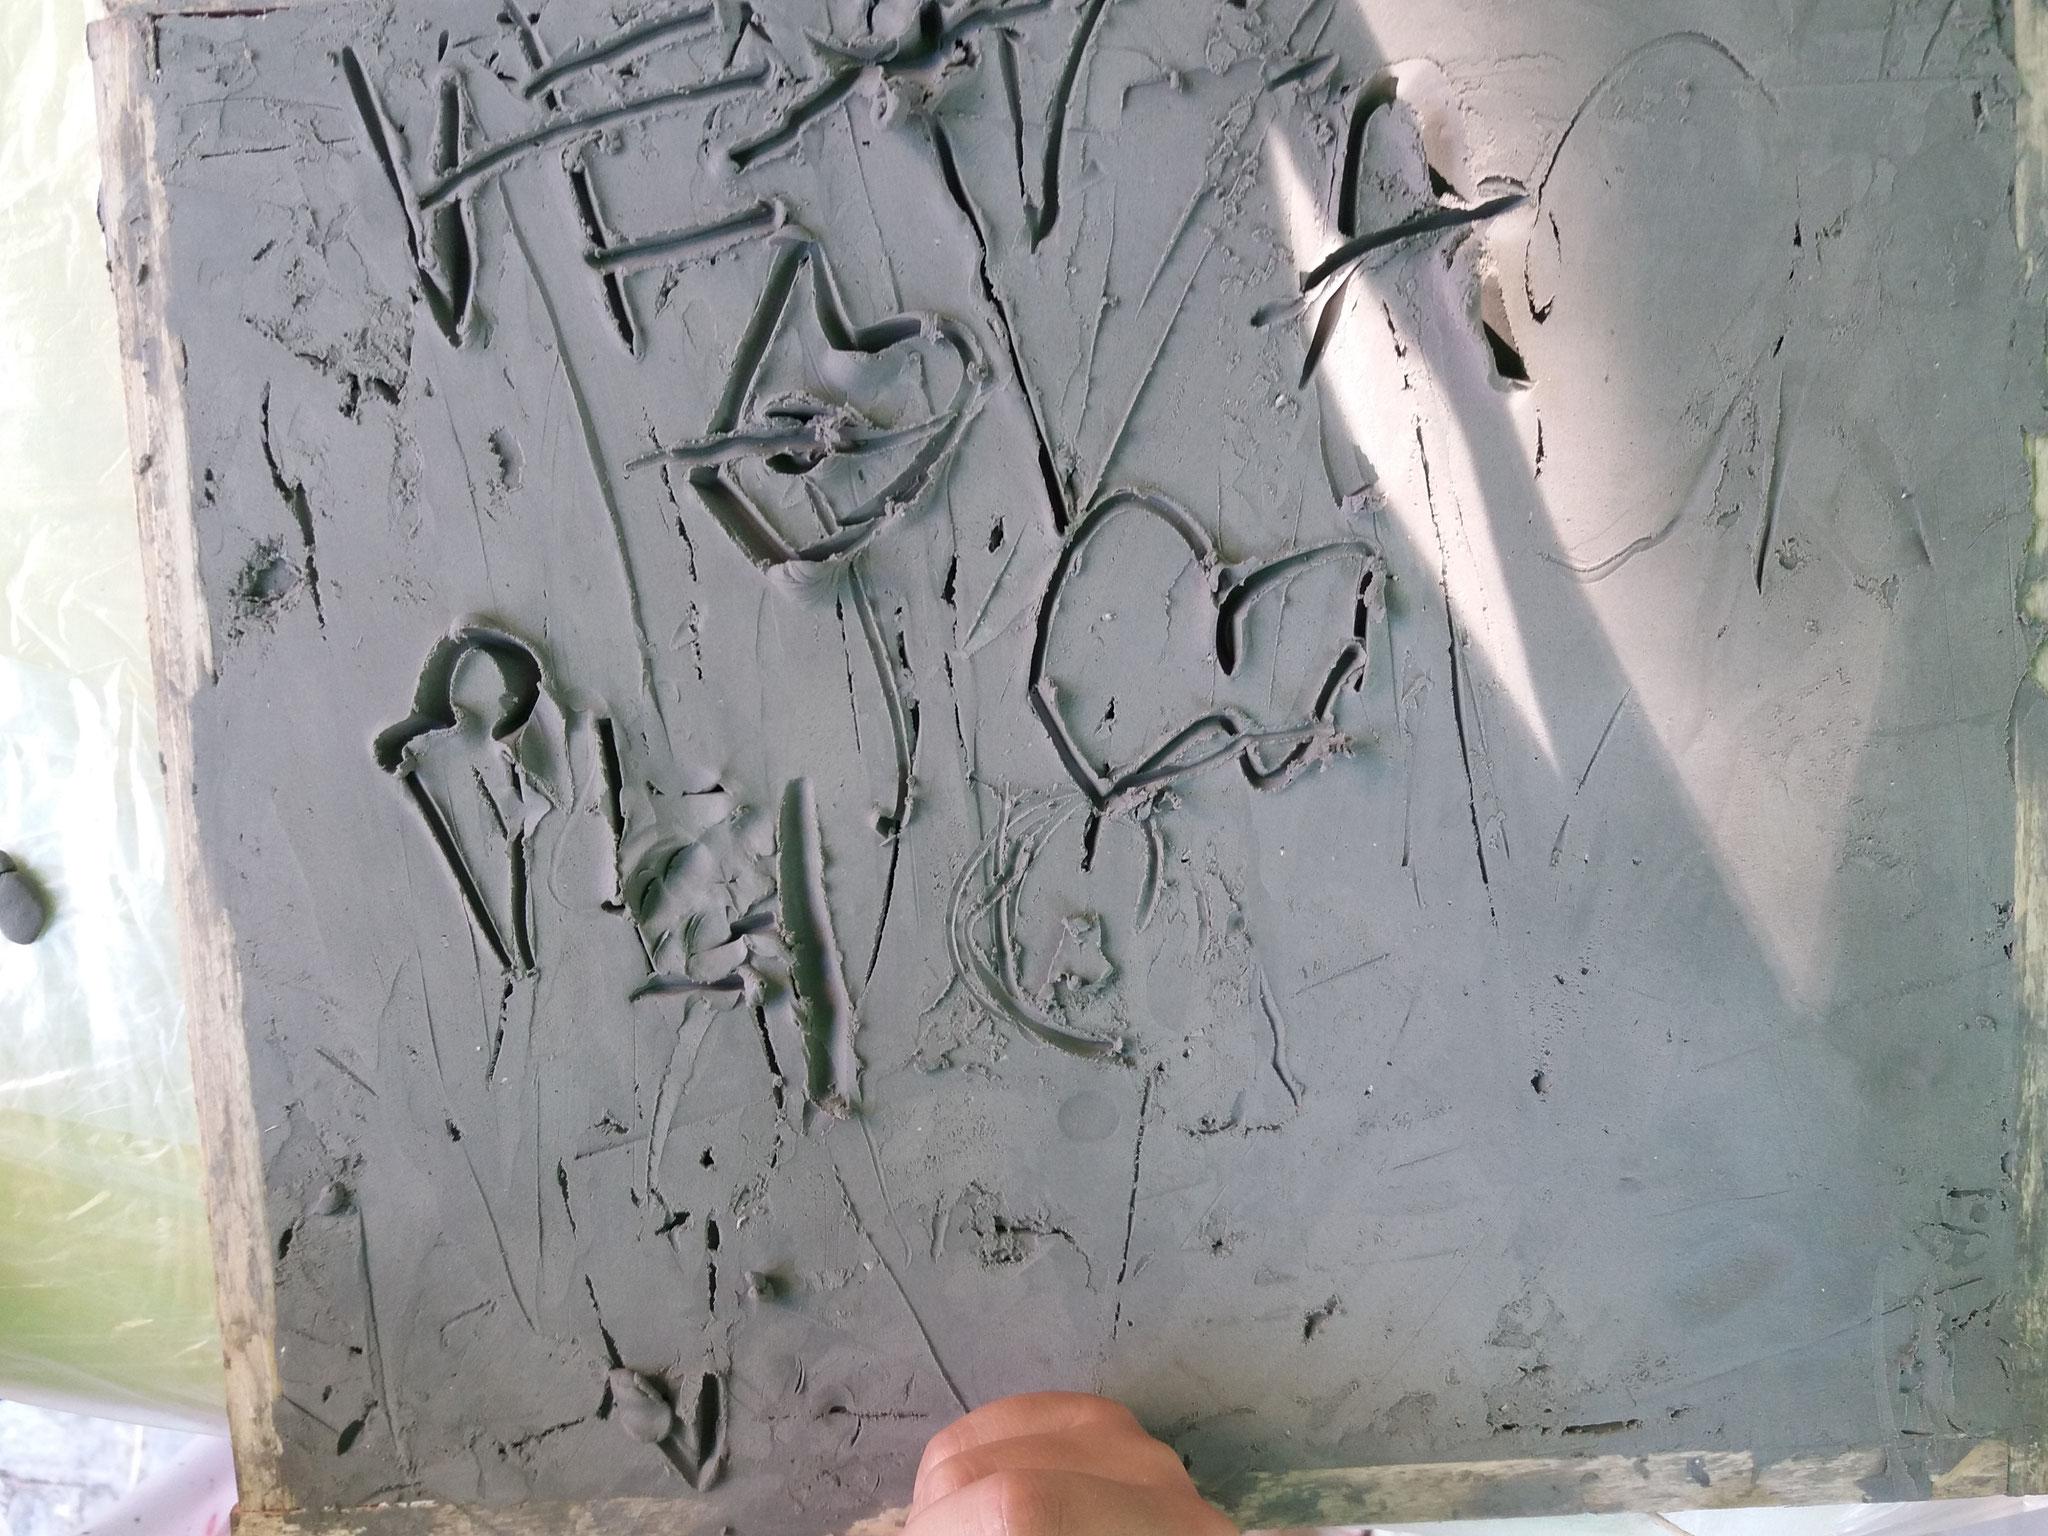 Sabato 27 MAGGIO 2017 alle ore 16,00 in Piazza Trento Comune di Travo AR...TRE PASSI NELL'ARTE giornata conclusiva del progetto 0/6 anni dell'Istituto Comprensivo di Bobbio delle scuole d'Infanzia di OTTONE MARSAGLIA BOBBIO PERINO e TRAVO ArTre Artigiani